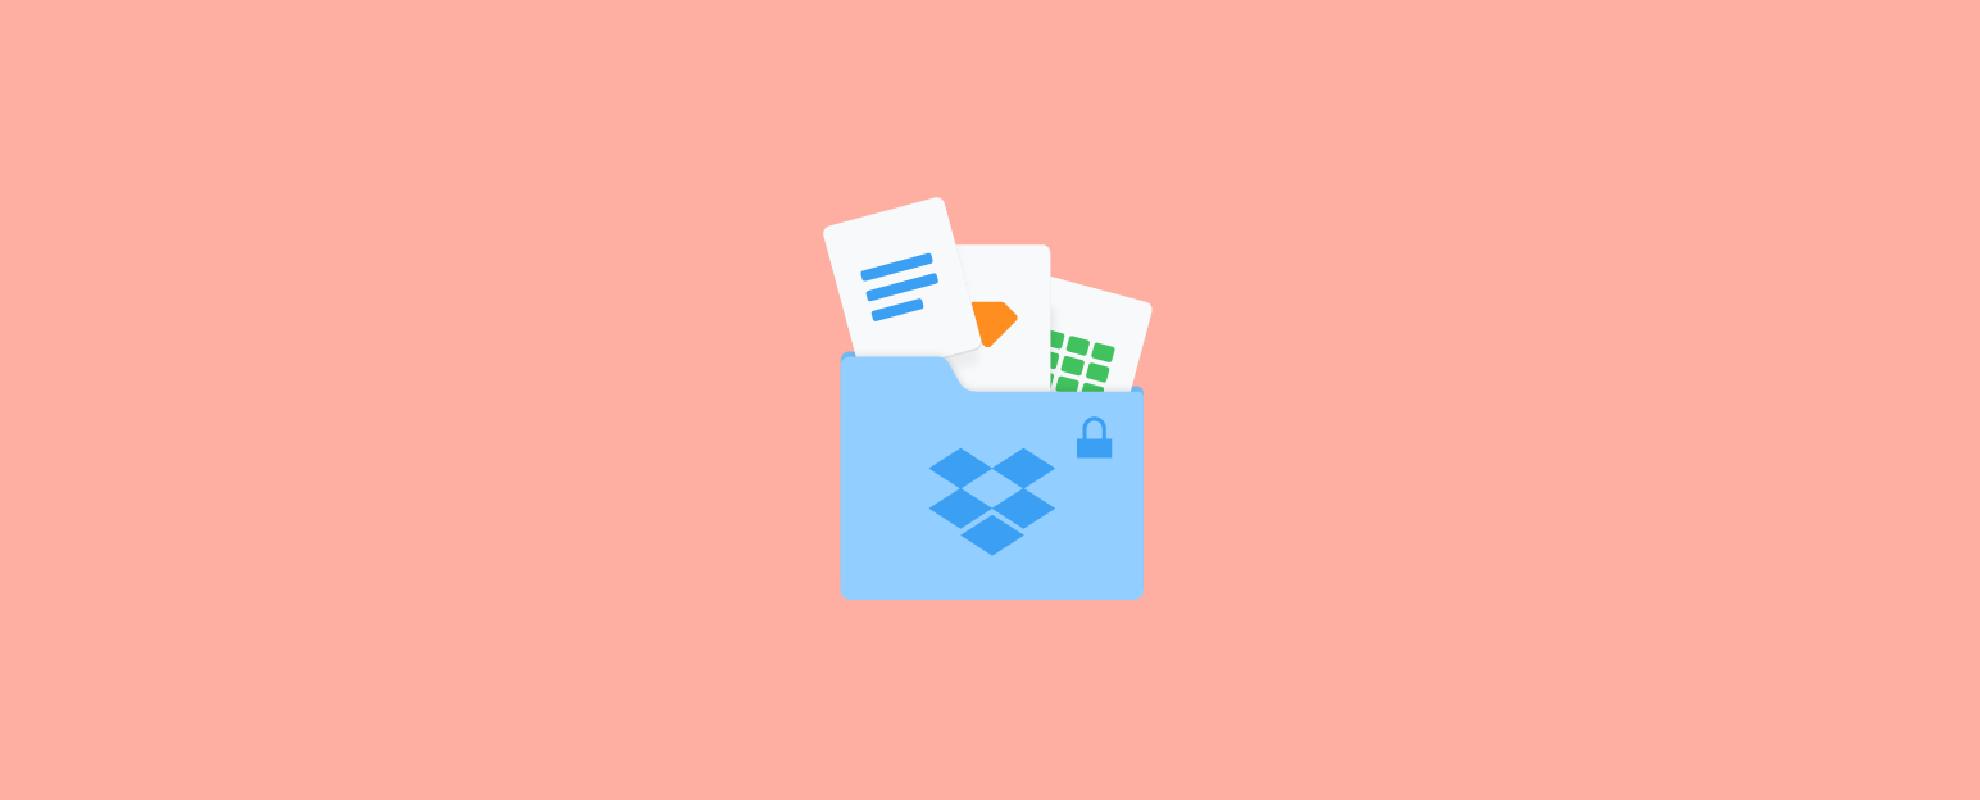 3 Dokumente, die aus dem oberen Teil eines Dropbox-Ordners mit einem Vorhängeschloss herausragen